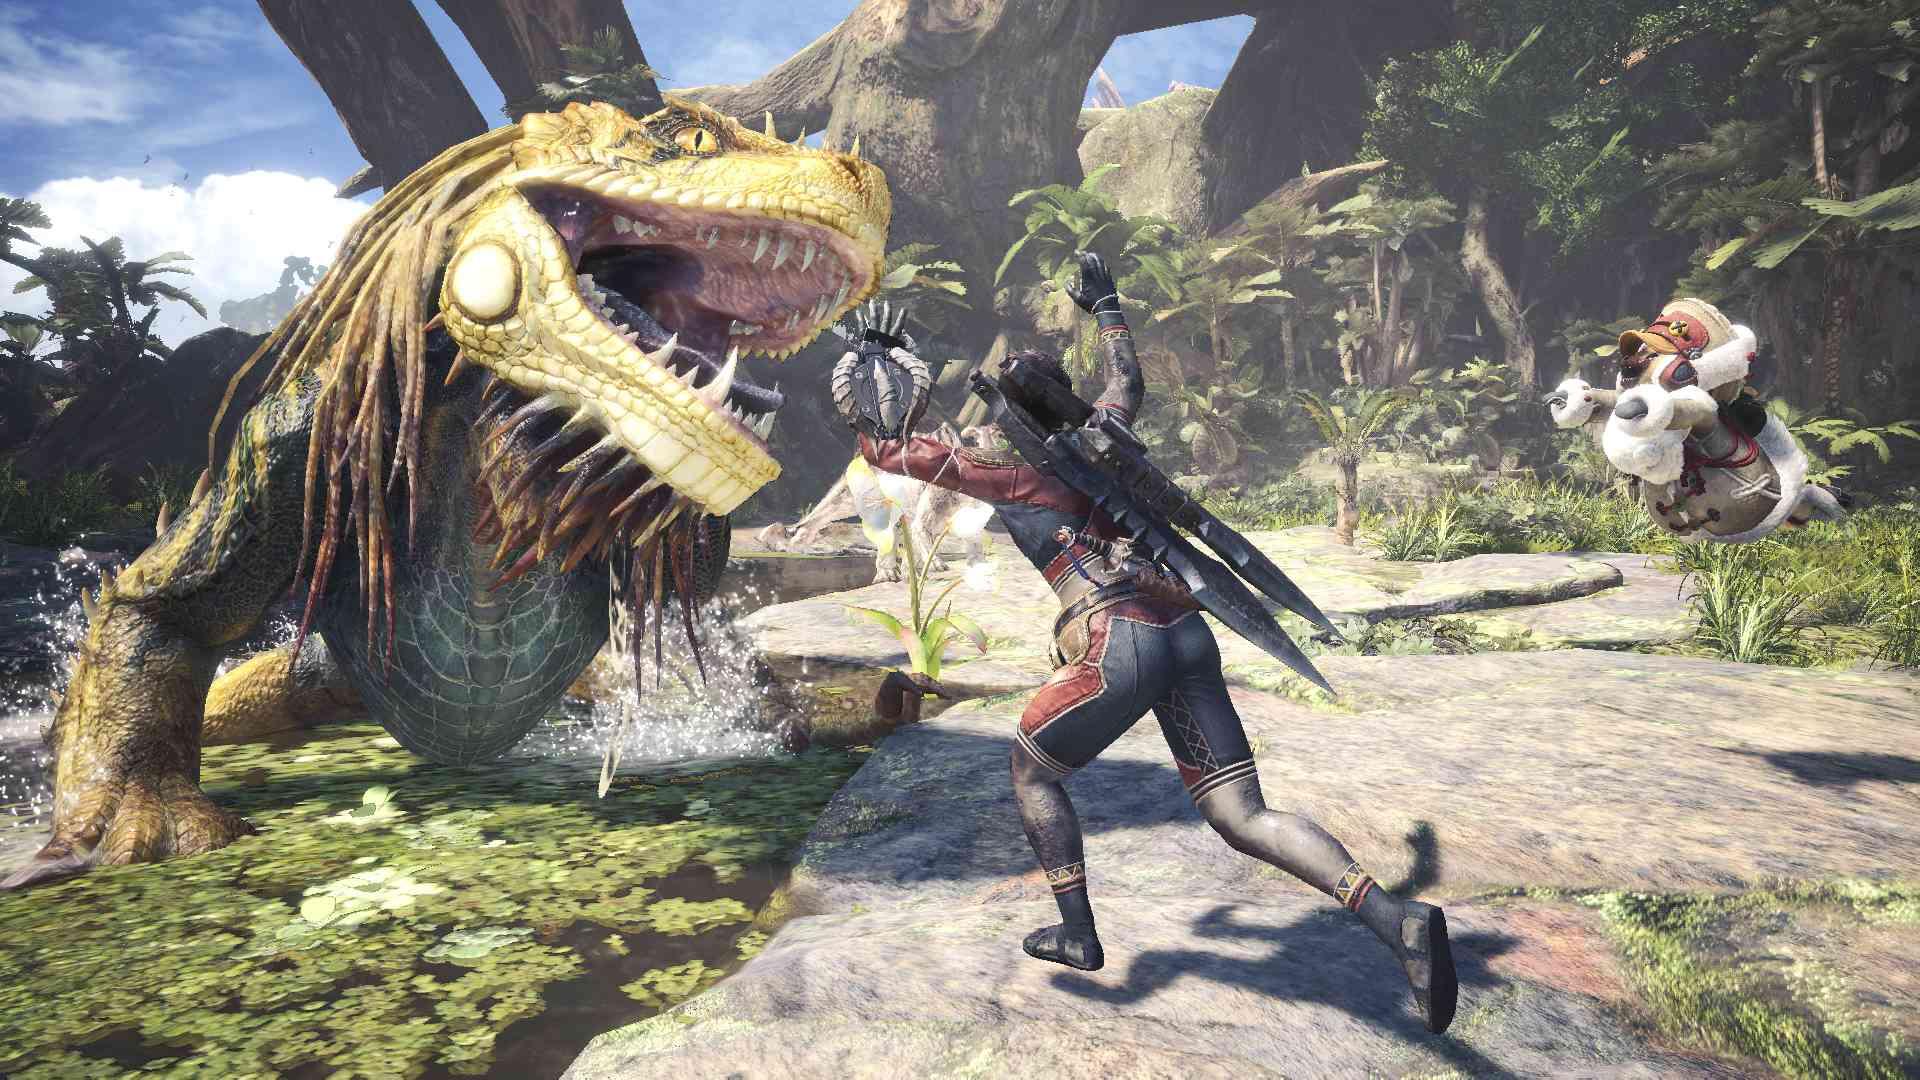 Monster Hunter World Iceborne Ein Grosser Erfolg Capcom Verkundet Neuen Meilenstein